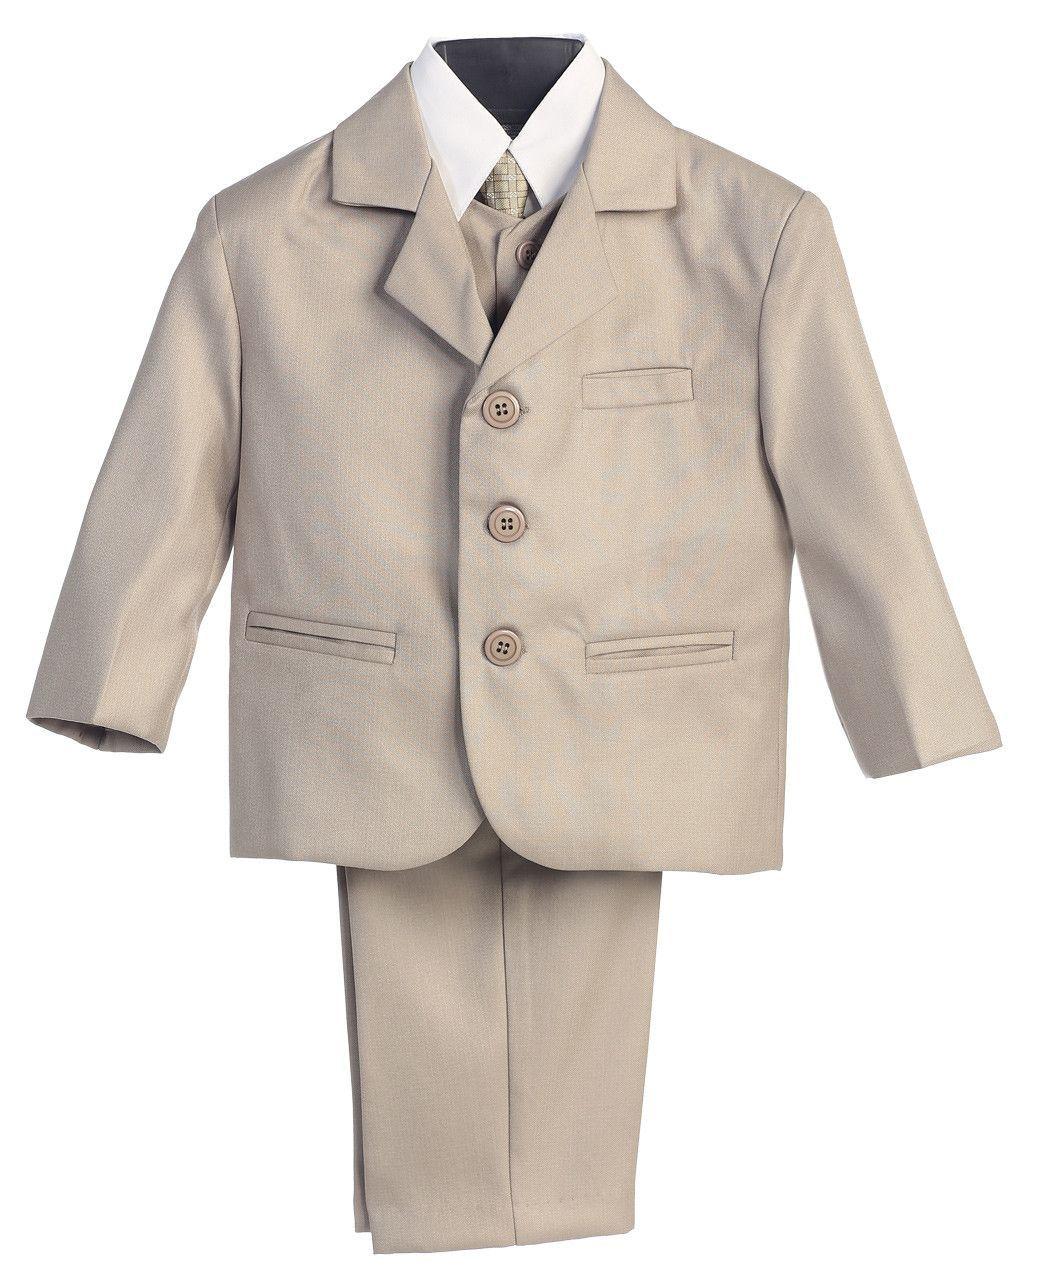 Vest 5 Piece Khaki Suit with Shirt and Tie